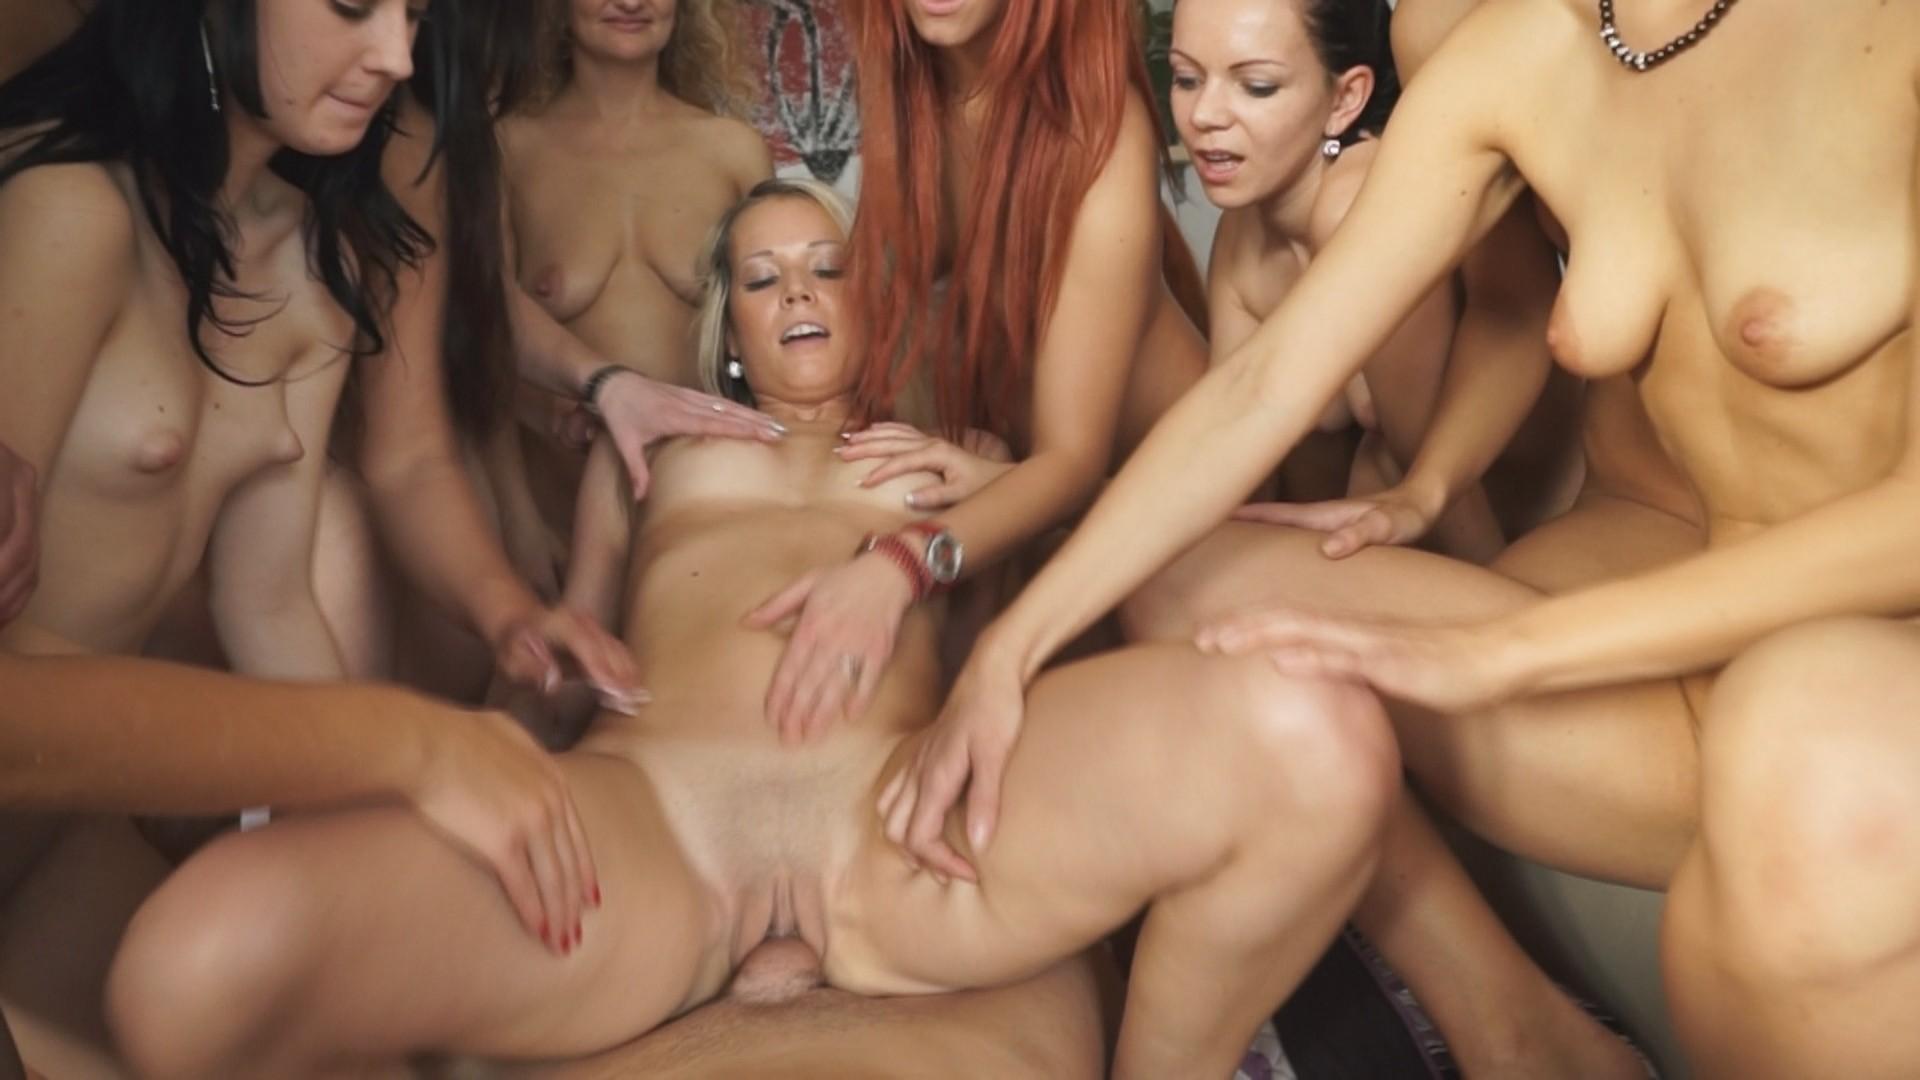 Czech porn actresses